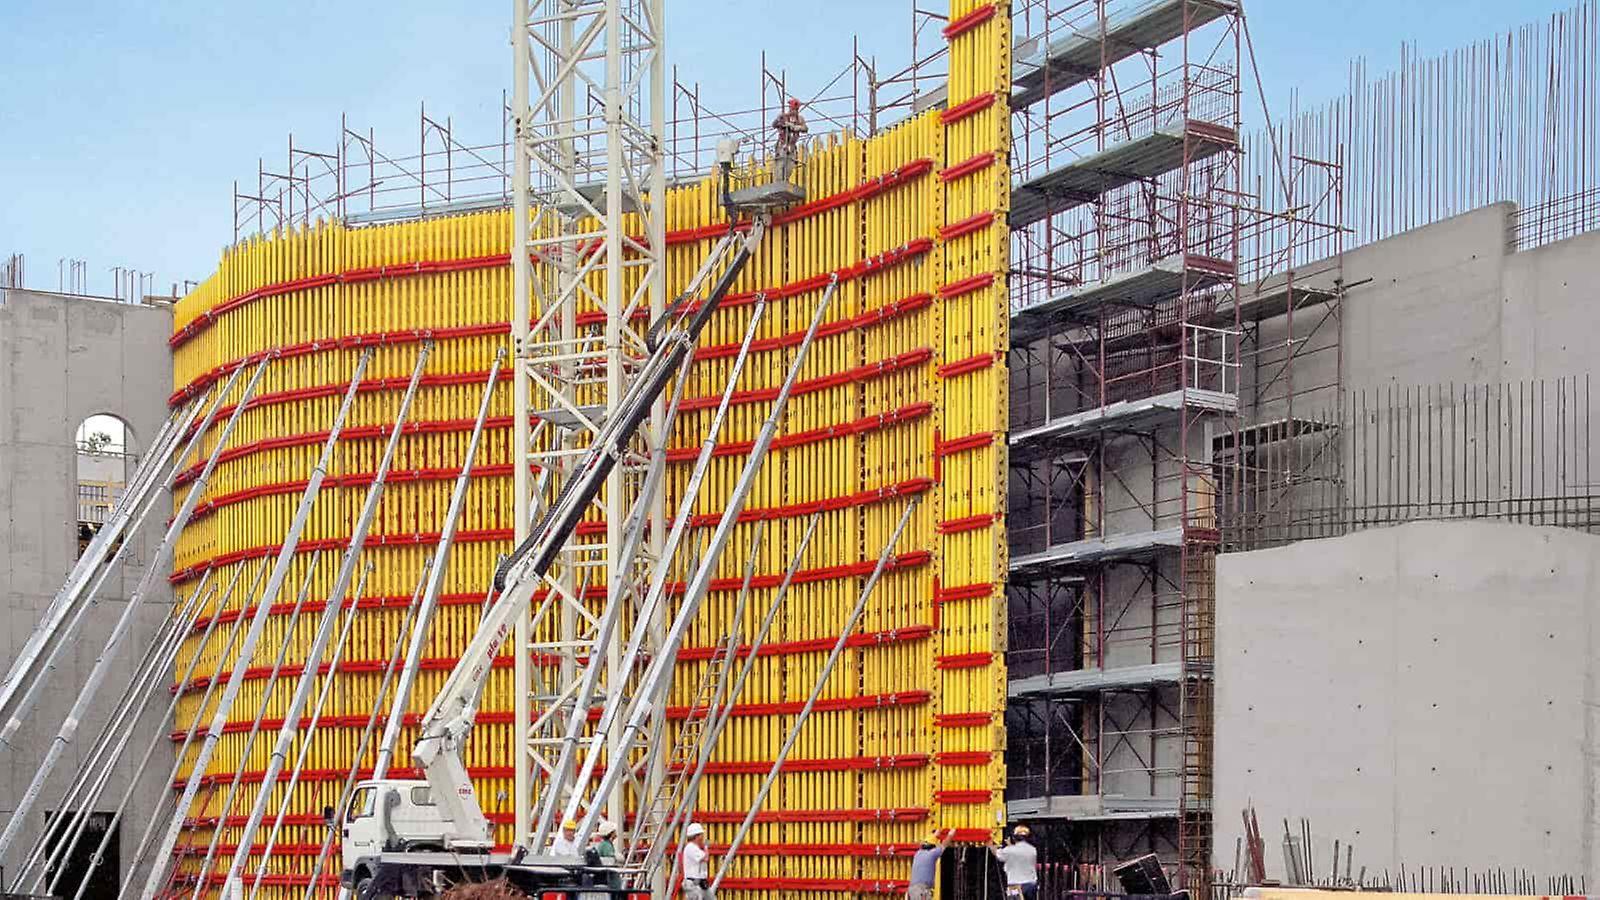 Módulos VARIO de 14 m de alto en ubicación poligonal. Con los tableros de encofrado FinPly Maxi de grandes dimensiones se logra un excelente acabado del hormigón.